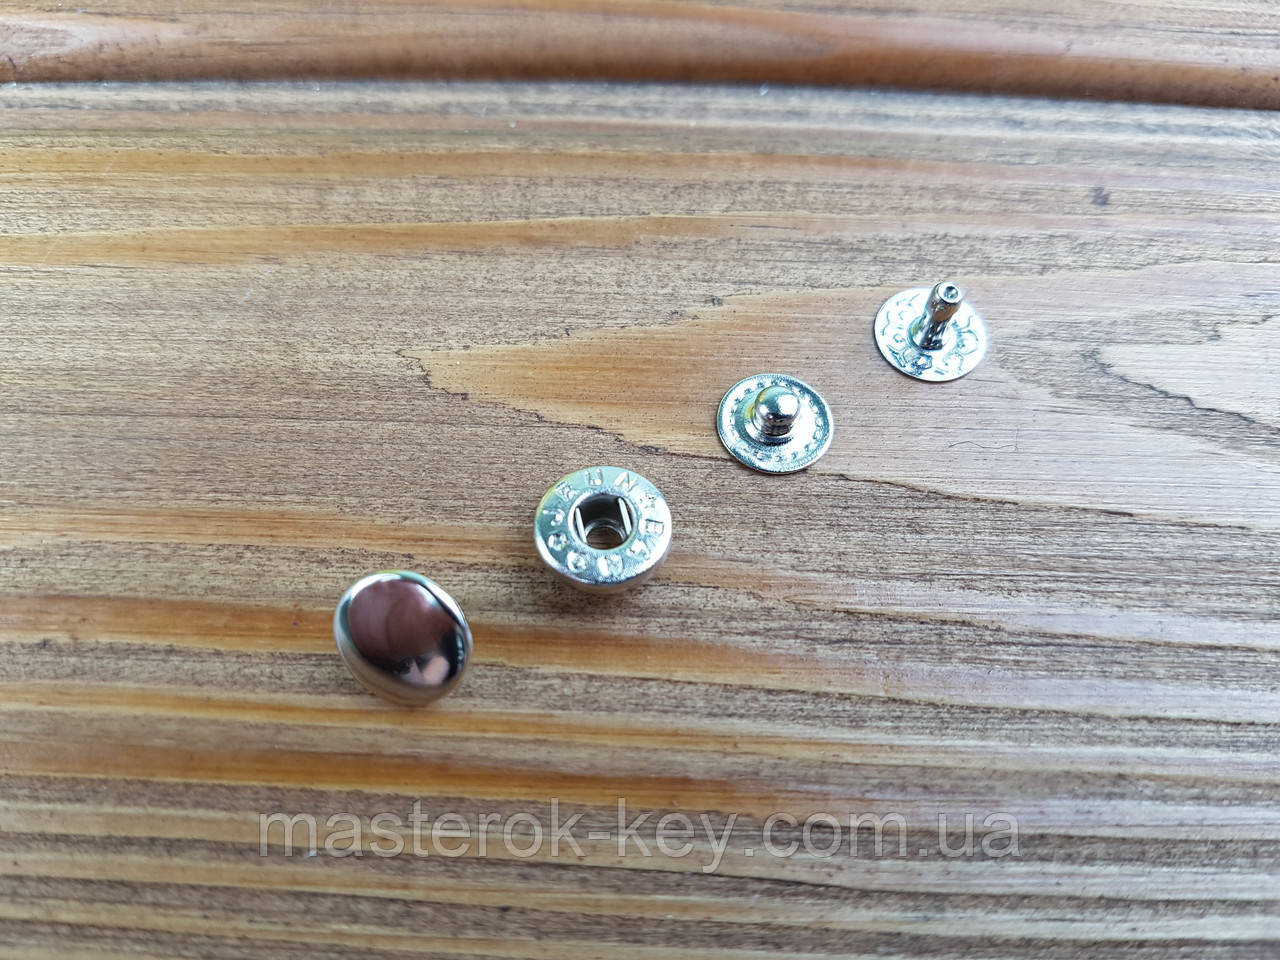 Кнопка металлическая Альфа 10мм. Турция цвет никель (50 шт в упаковке)